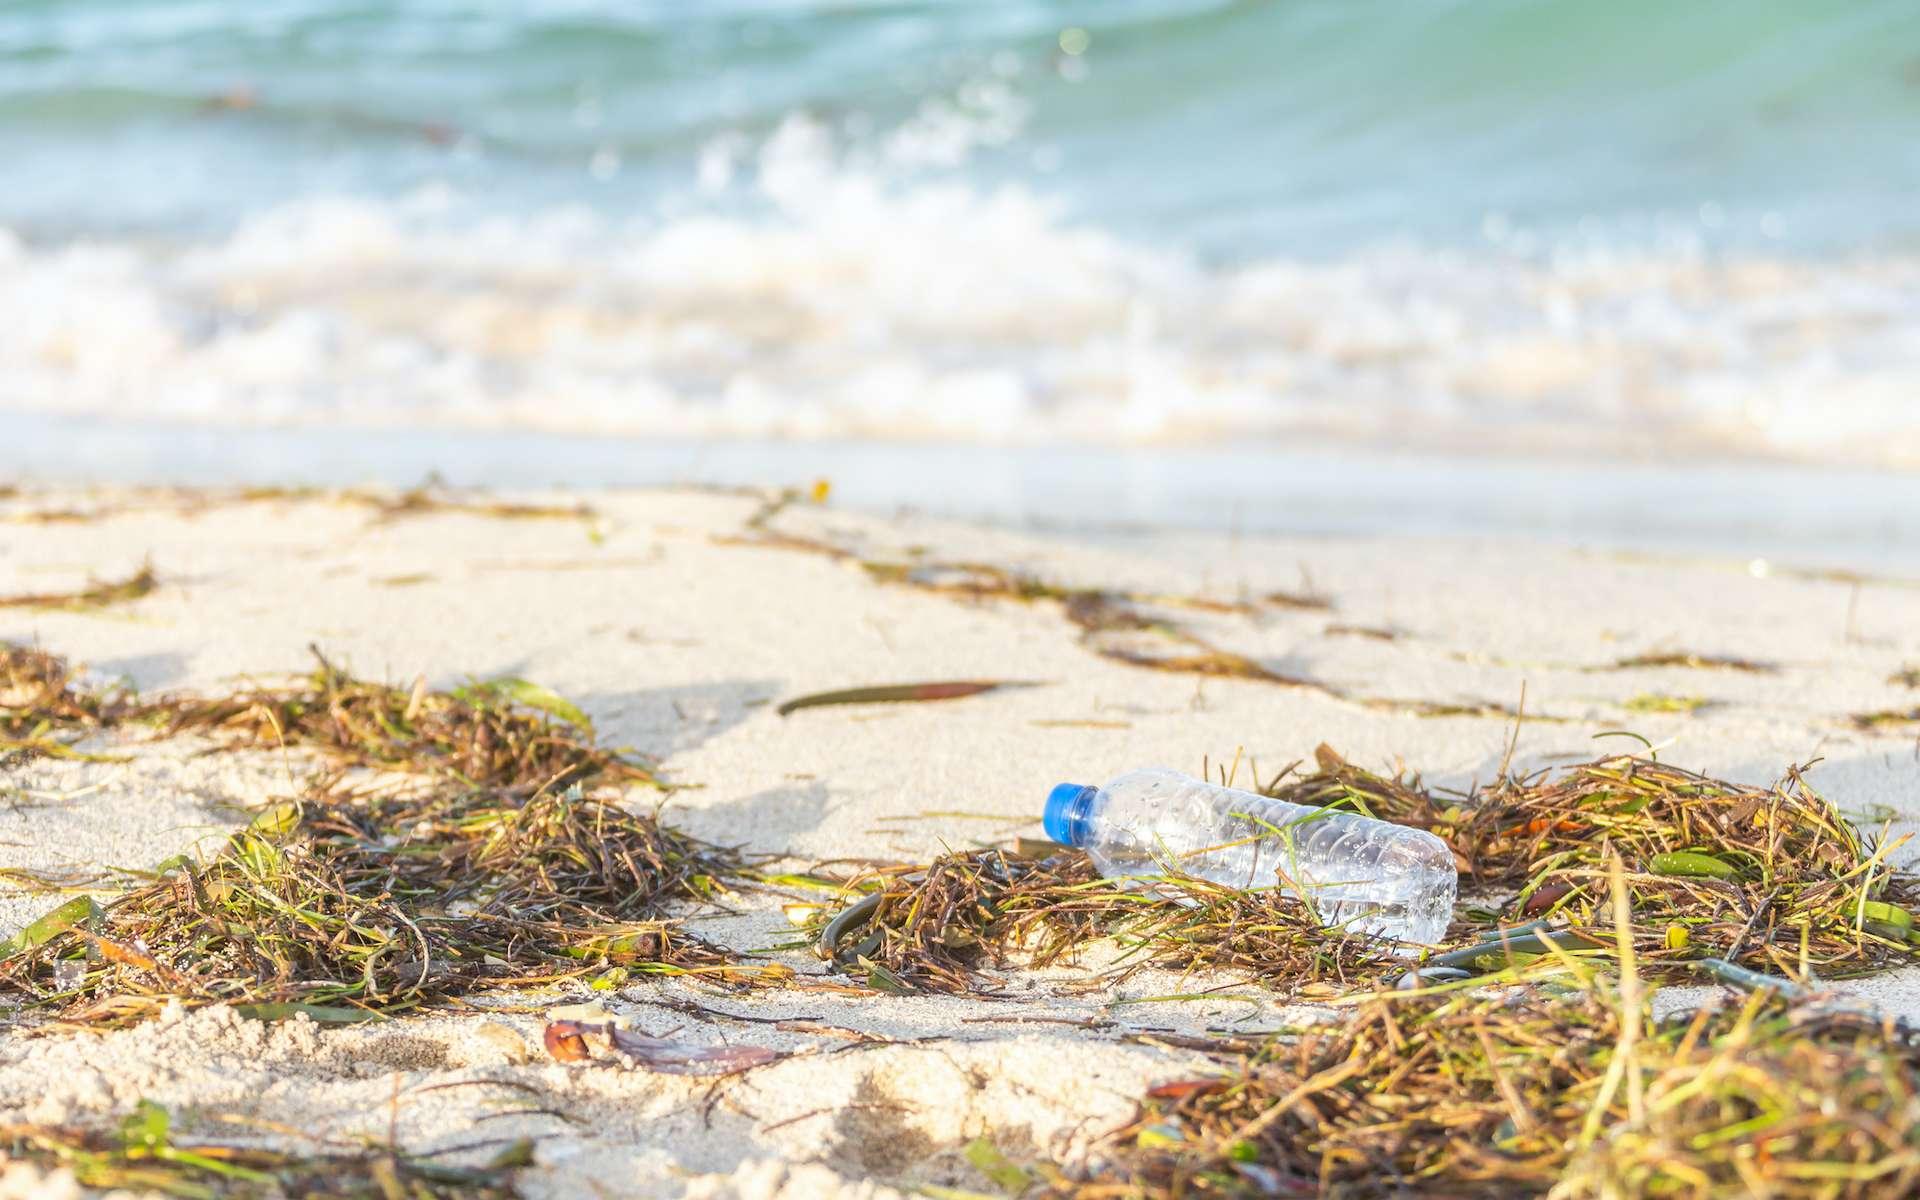 La majeure partie du plastique déversé en mer est rejeté sur le littoral. © Mariakray, Adobe Stock